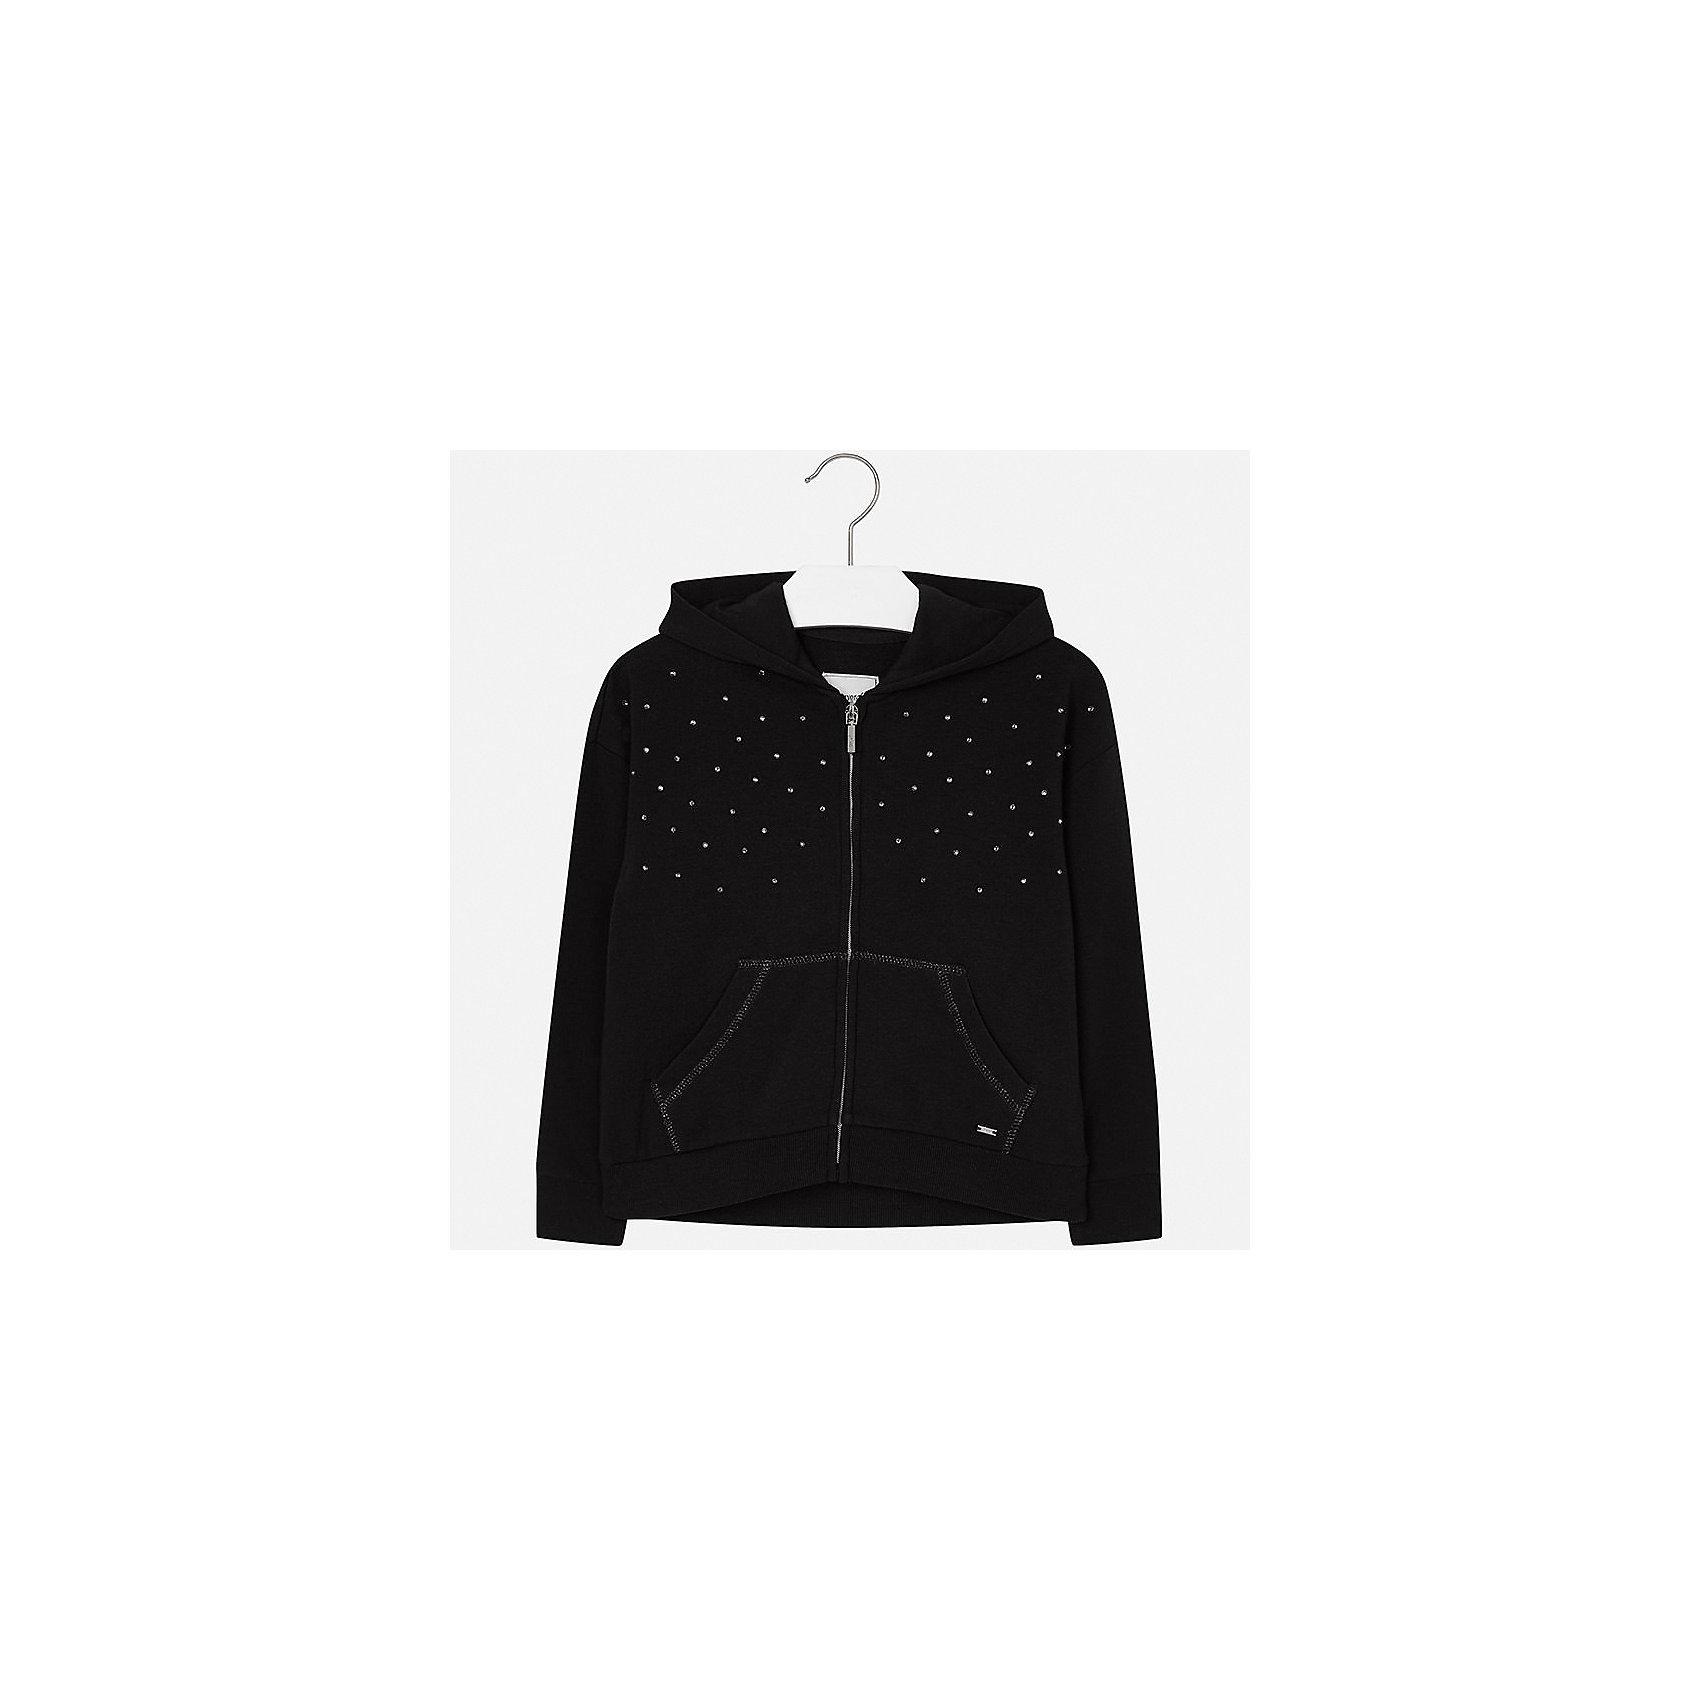 Куртка для девочки MayoralДемисезонные куртки<br>Характеристики товара:<br><br>• цвет: черный<br>• состав ткани: 57% хлопок, 38% полиэстер, 5% эластан<br>• длинные рукава<br>• сезон: круглый год<br>• застежка: молния<br>• стразы<br>• капюшон<br>• страна бренда: Испания<br>• страна изготовитель: Индия<br><br>Эта детская курточка от Mayoral дополнена удобными карманами и капюшоном. Куртка для девочки сшита из приятного на ощупь хлопкового трикотажа.<br><br>Детская одежда от испанской компании Mayoral отличаются оригинальным и всегда стильным дизайном. Качество продукции неизменно очень высокое.<br><br>Куртку для девочки Mayoral (Майорал) можно купить в нашем интернет-магазине.<br><br>Ширина мм: 356<br>Глубина мм: 10<br>Высота мм: 245<br>Вес г: 519<br>Цвет: черный<br>Возраст от месяцев: 144<br>Возраст до месяцев: 156<br>Пол: Женский<br>Возраст: Детский<br>Размер: 158,164,170,128/134,140,152<br>SKU: 6921871